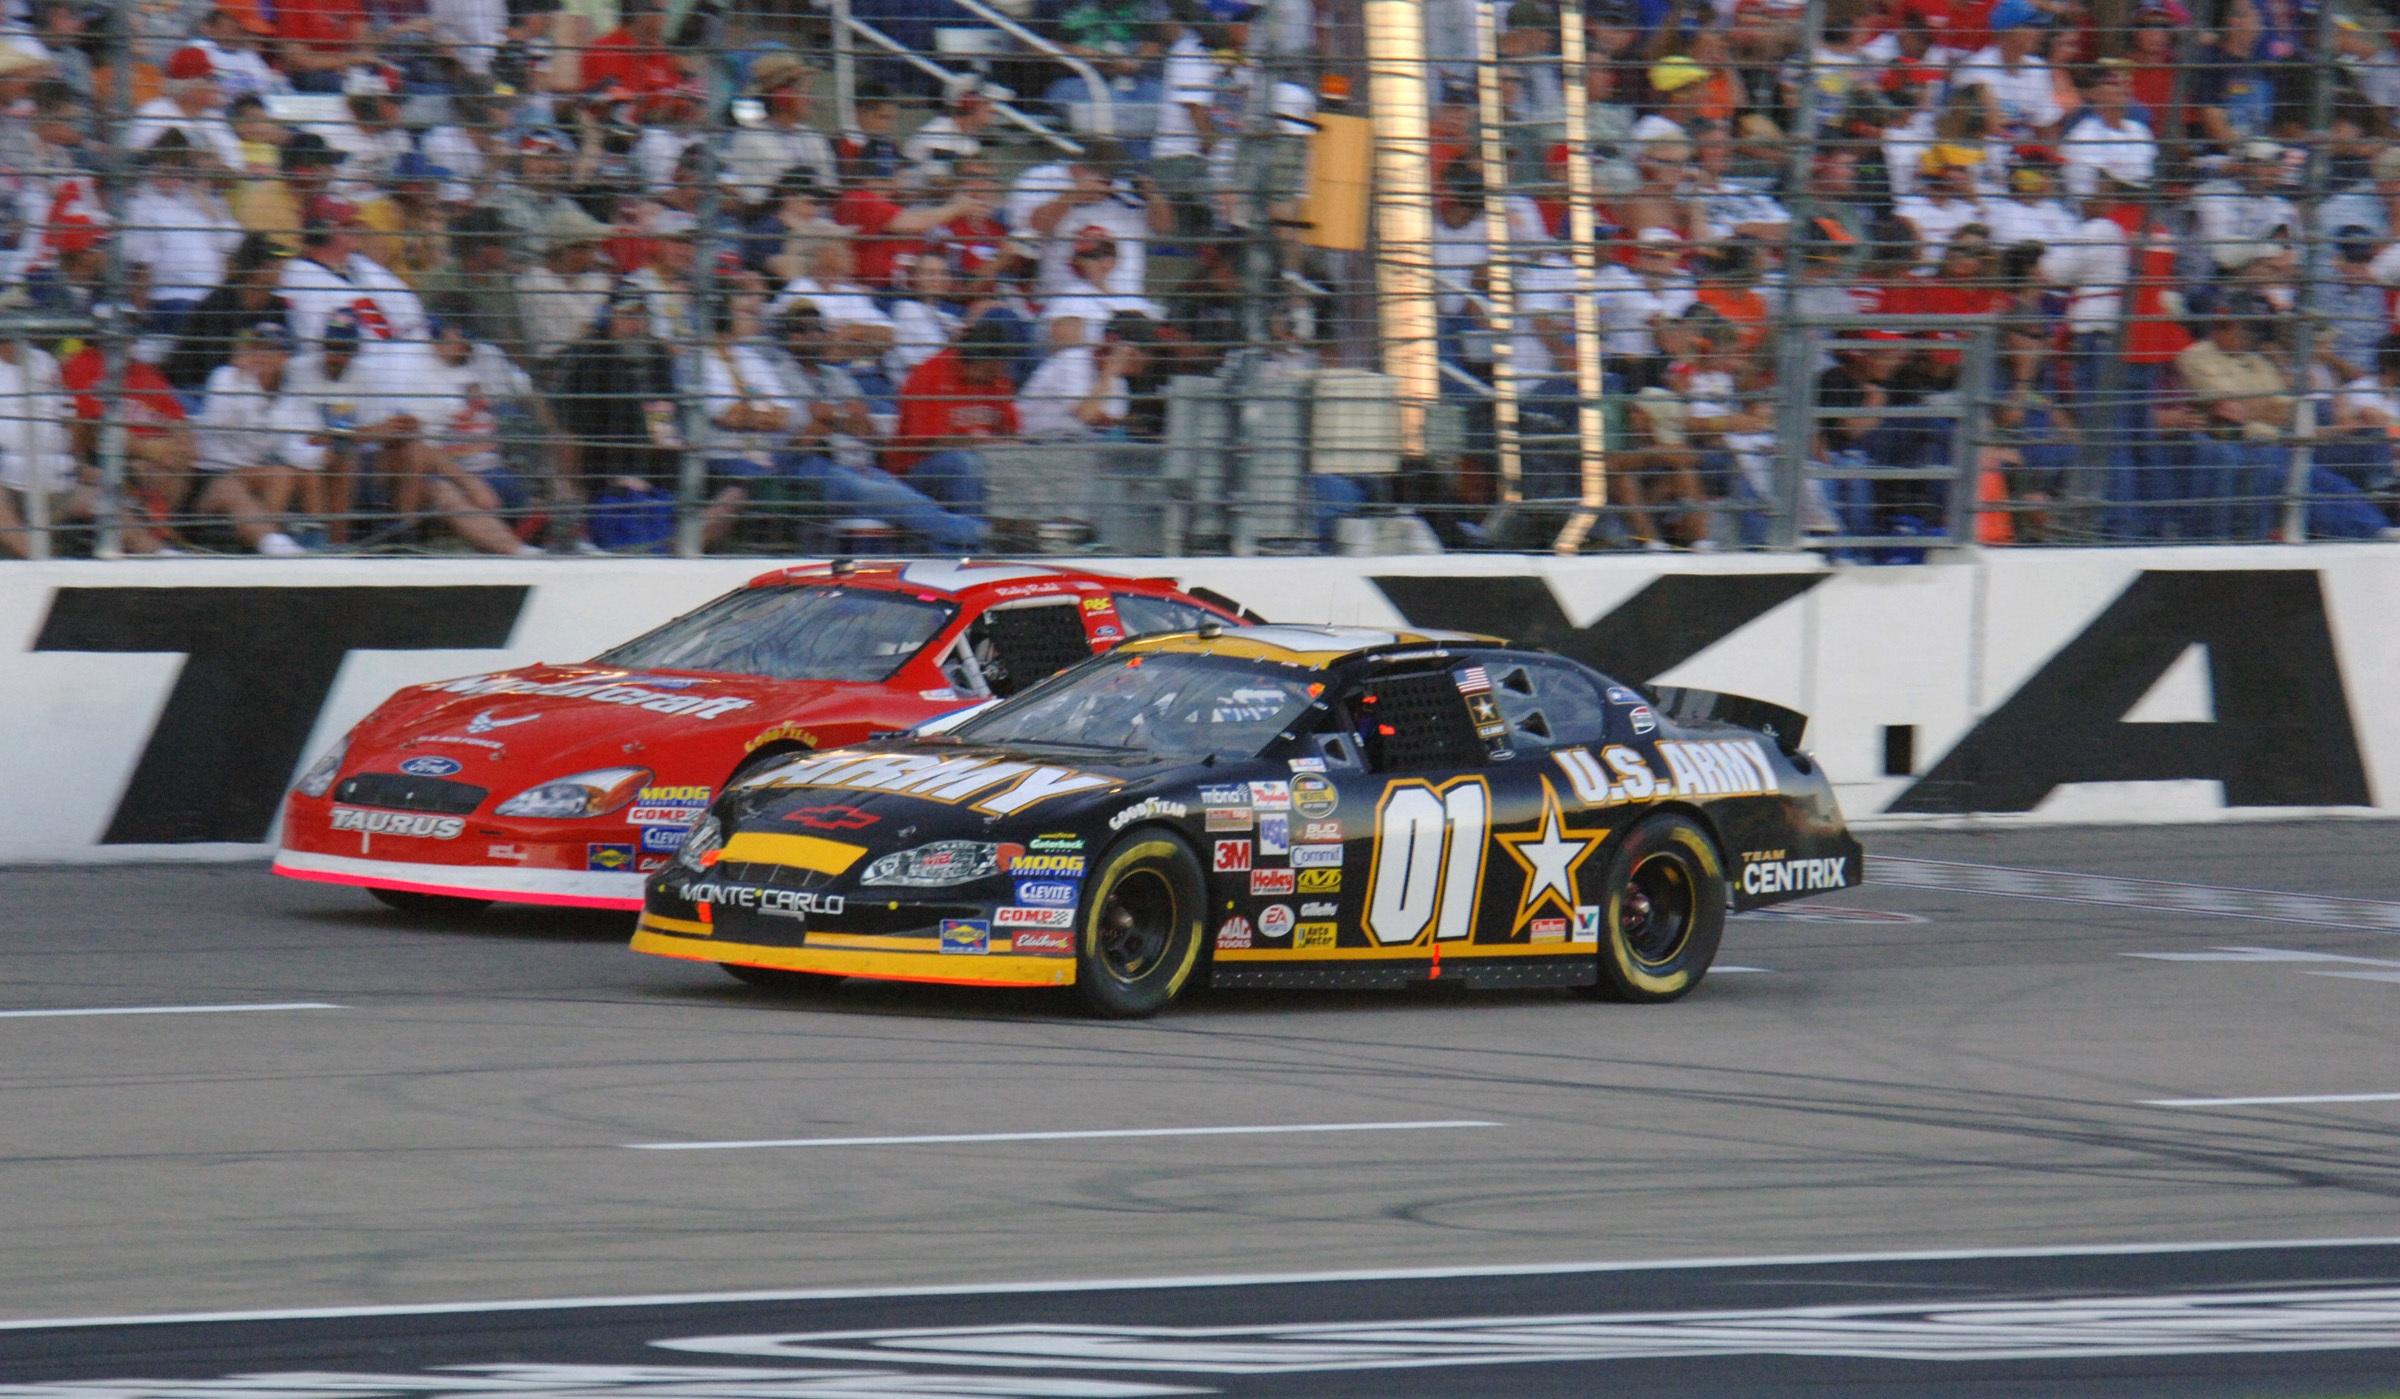 NASCAR Racing, Activity, Auto, Car, Nascar, HQ Photo